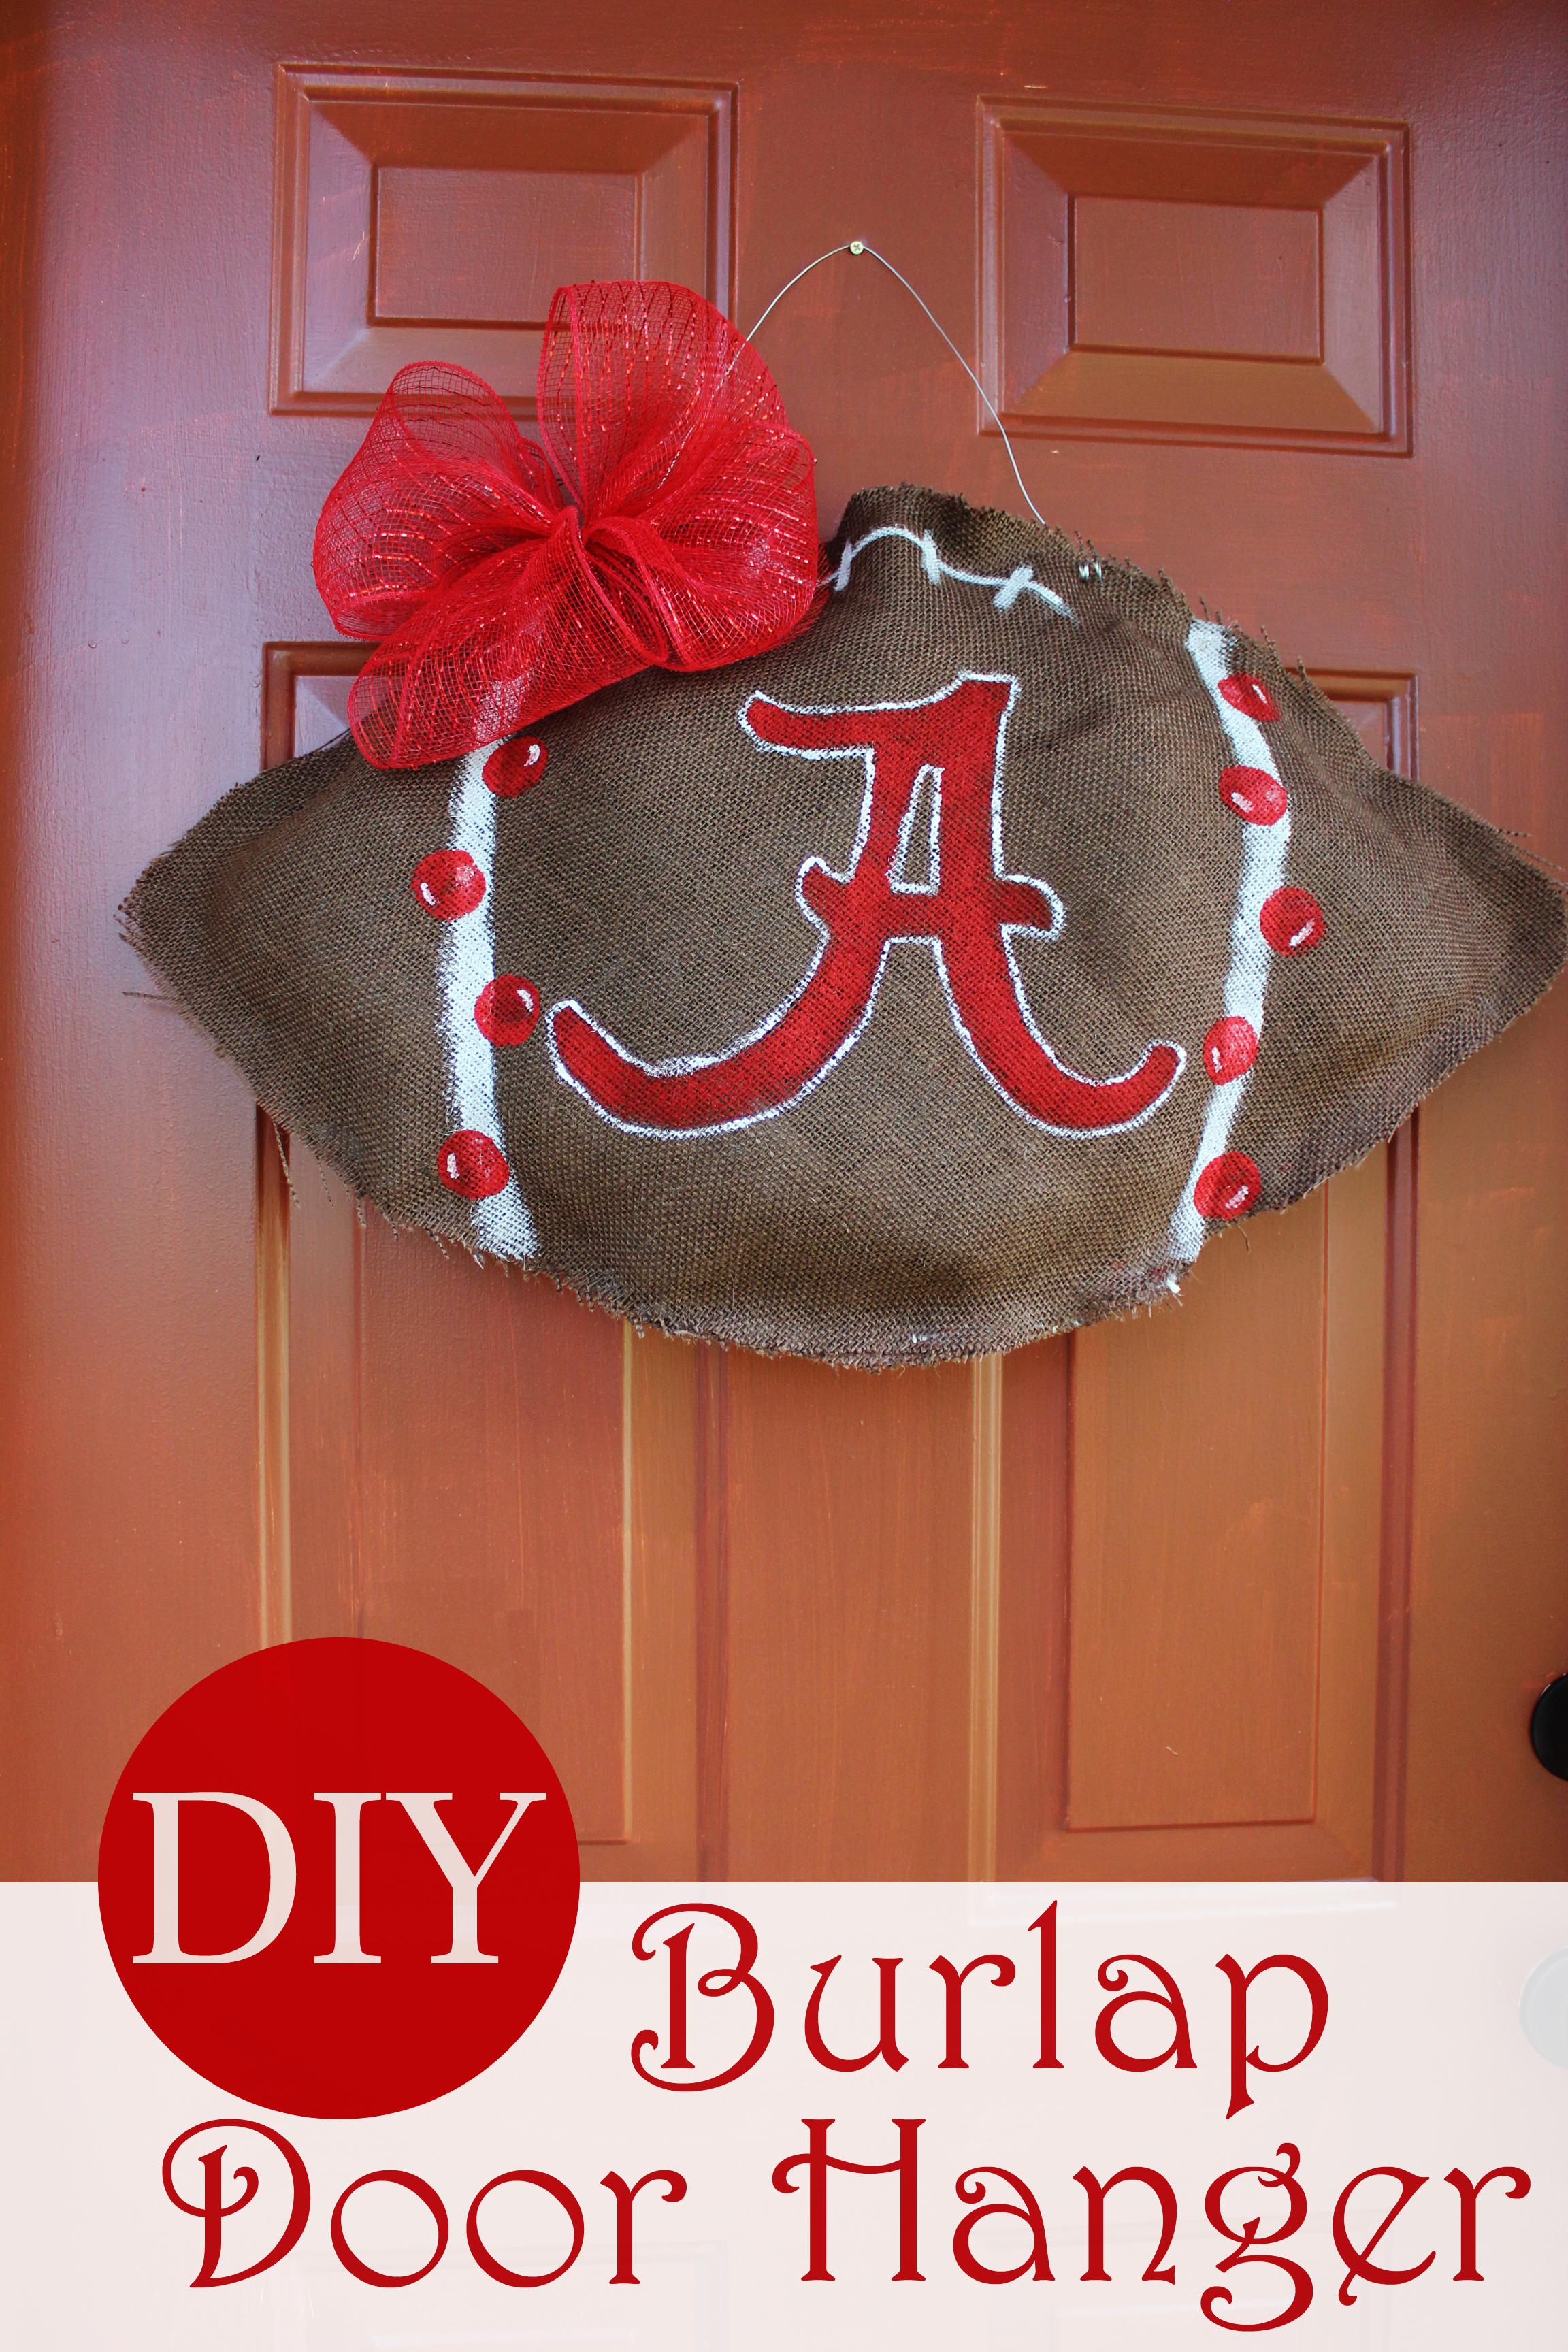 Diy Burlap Door Hanger Sweet T Makes Three